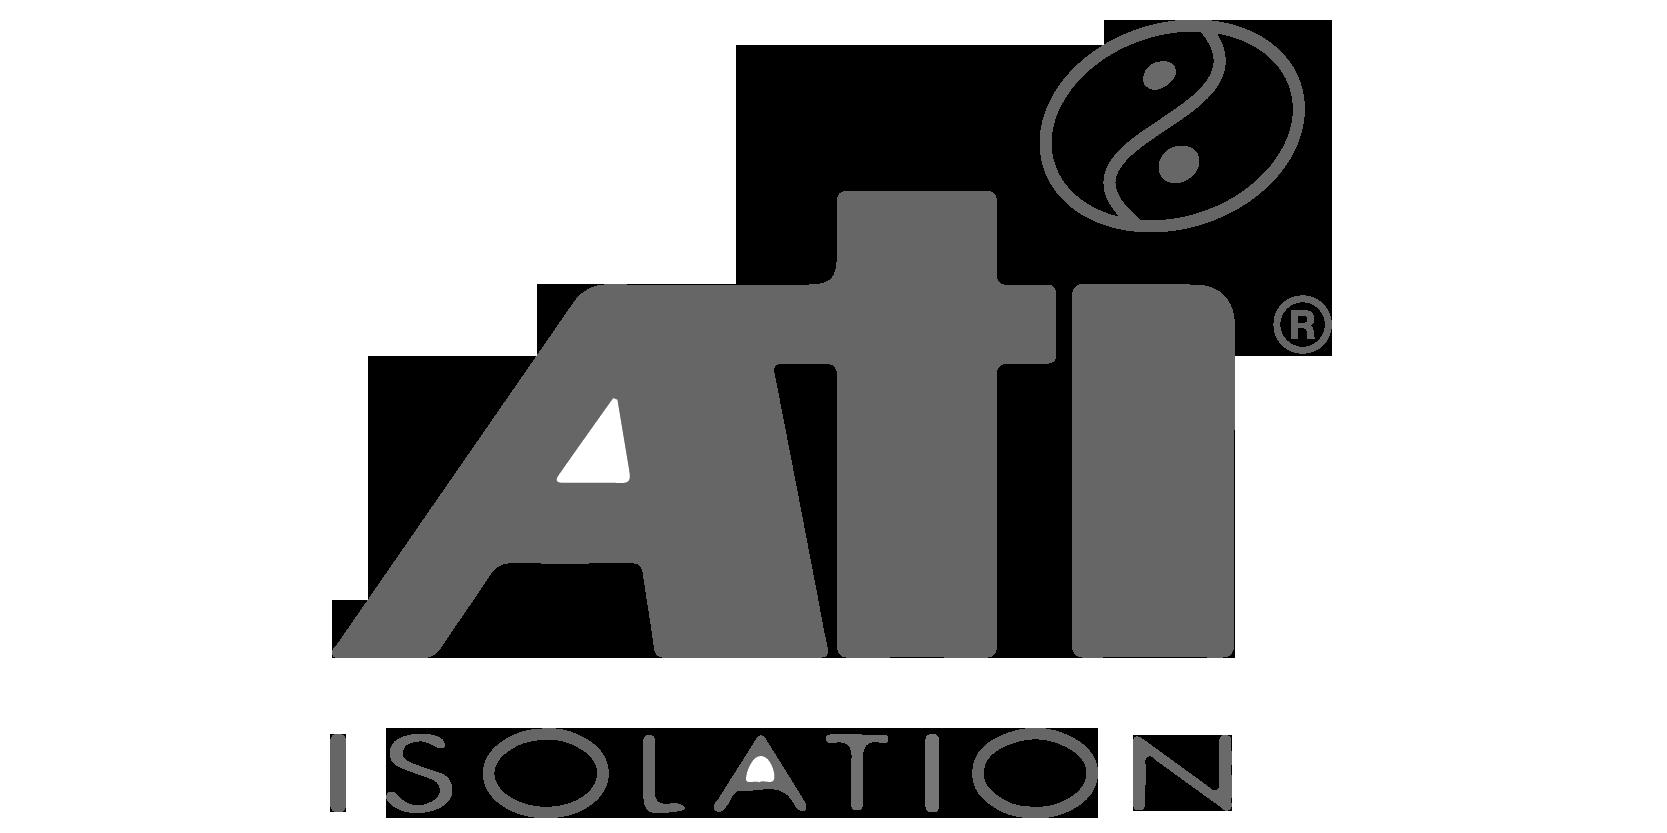 ATI_isolation